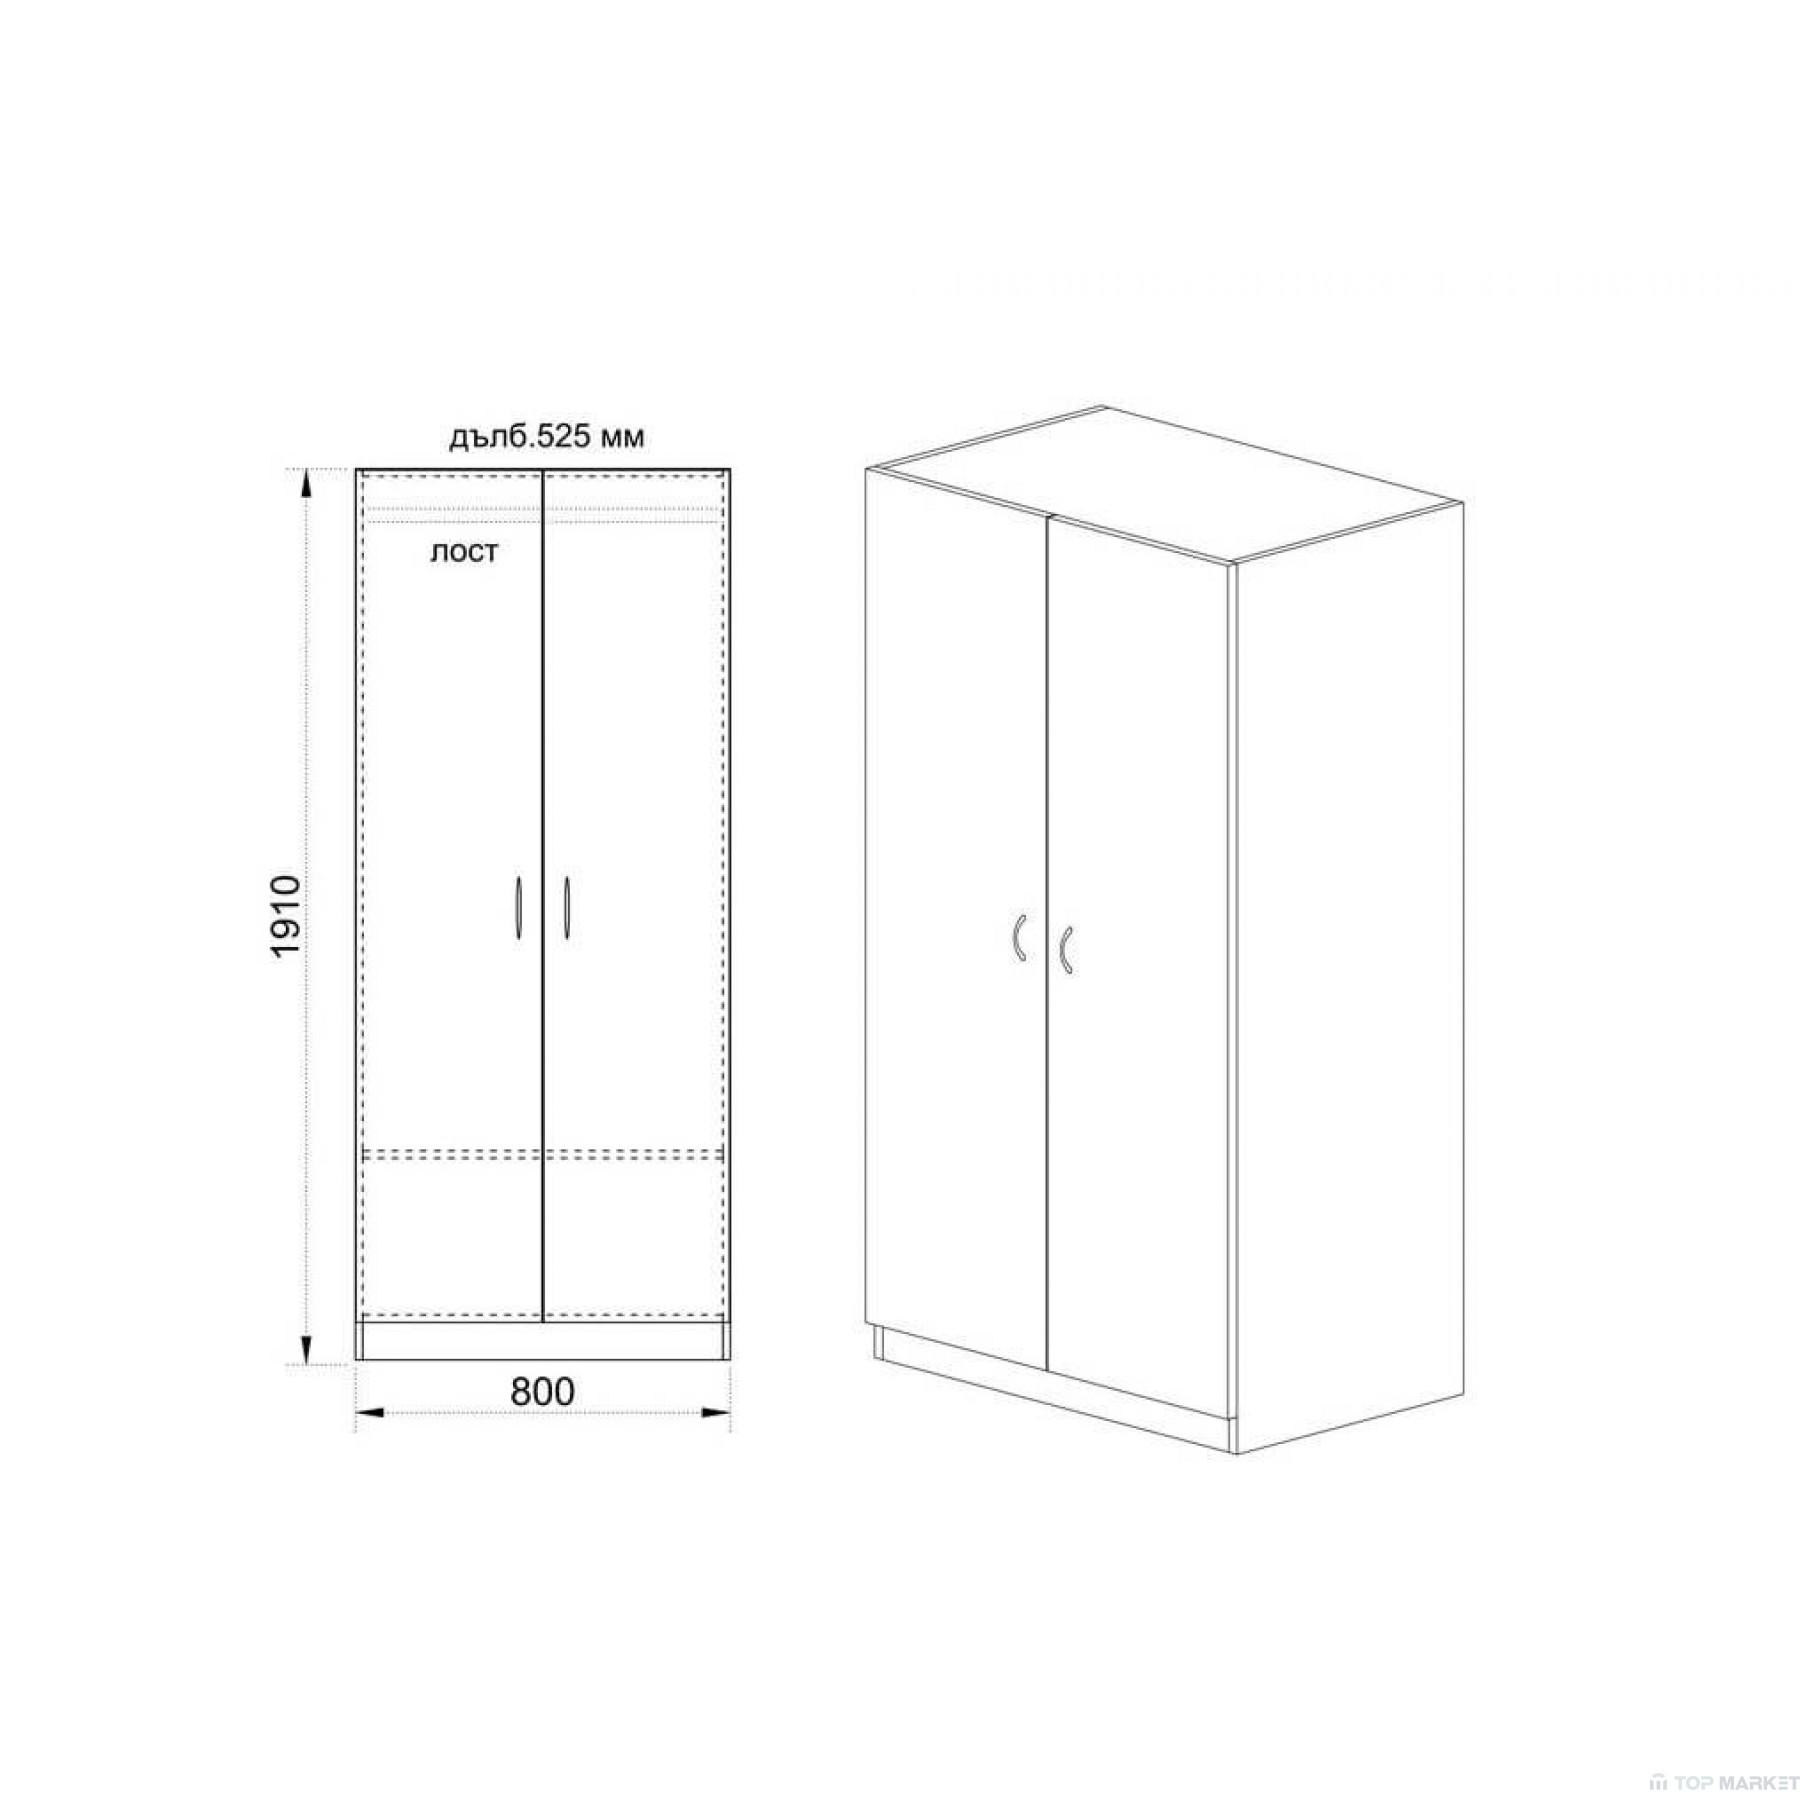 Двукрилен гардероб City 1001